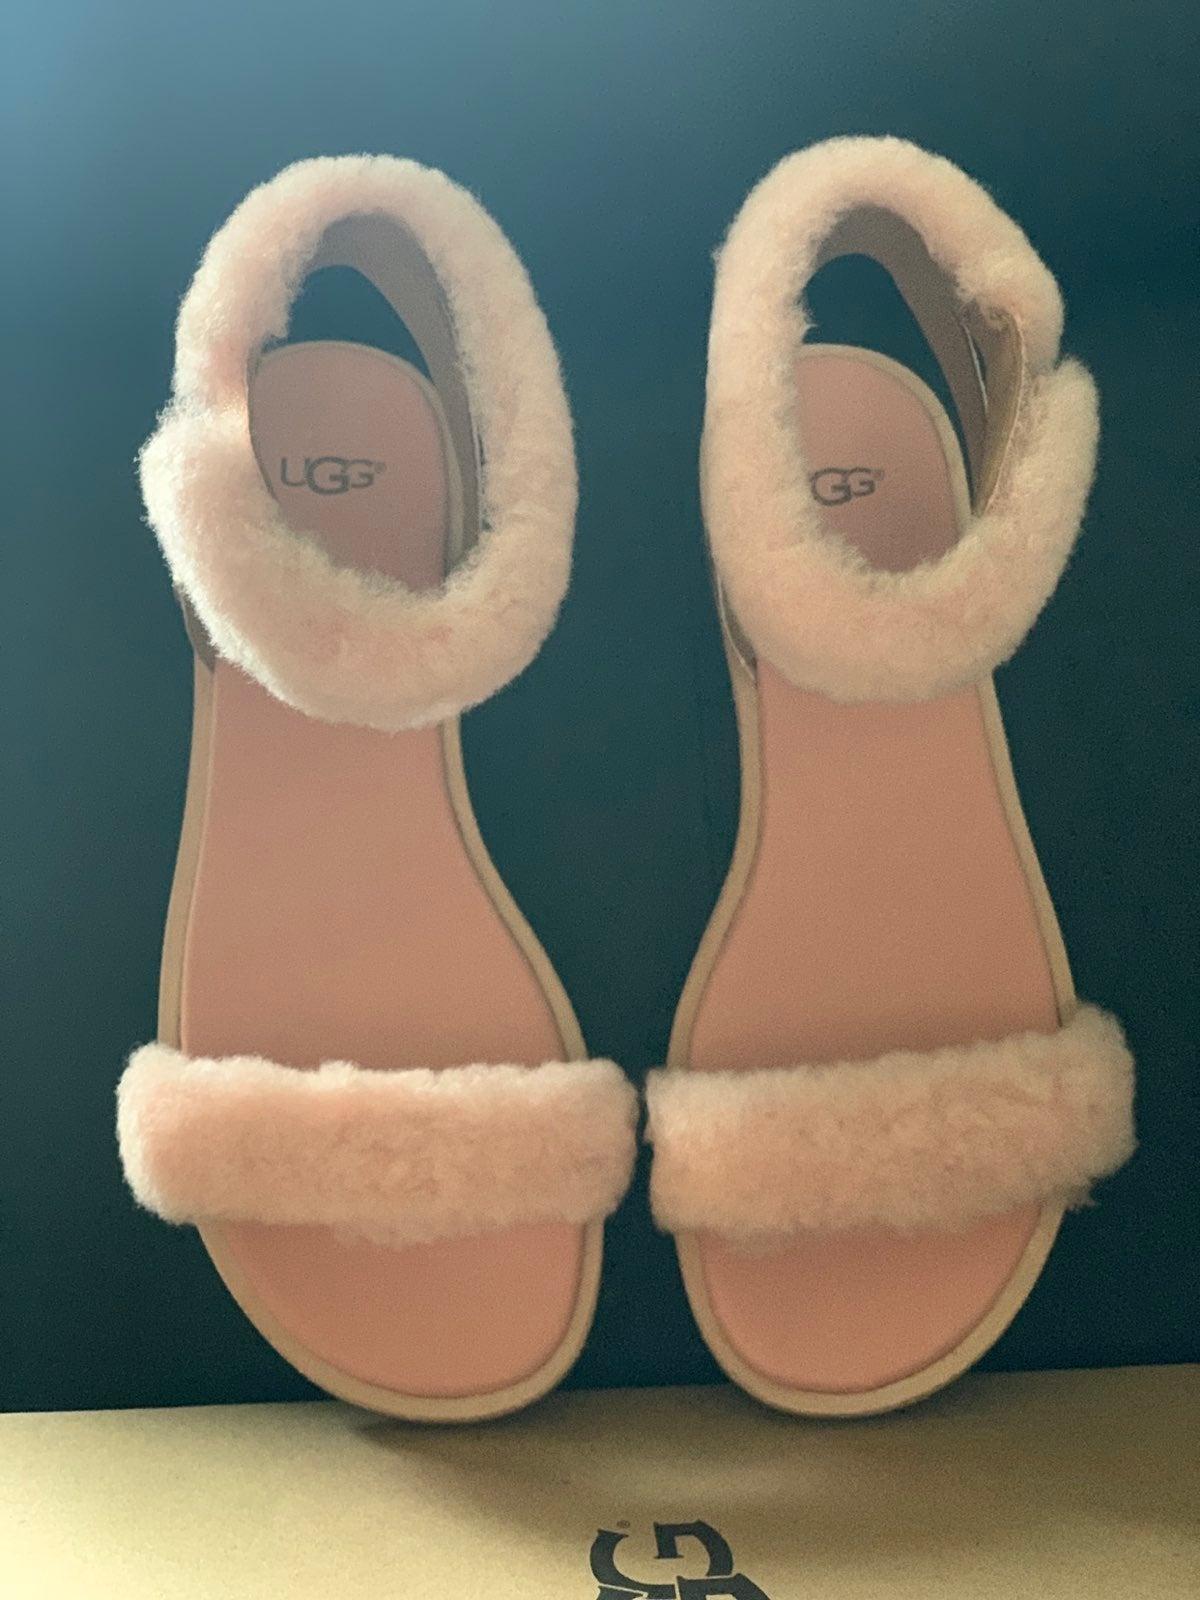 UGG Pink Fluff Sandals Sz 8